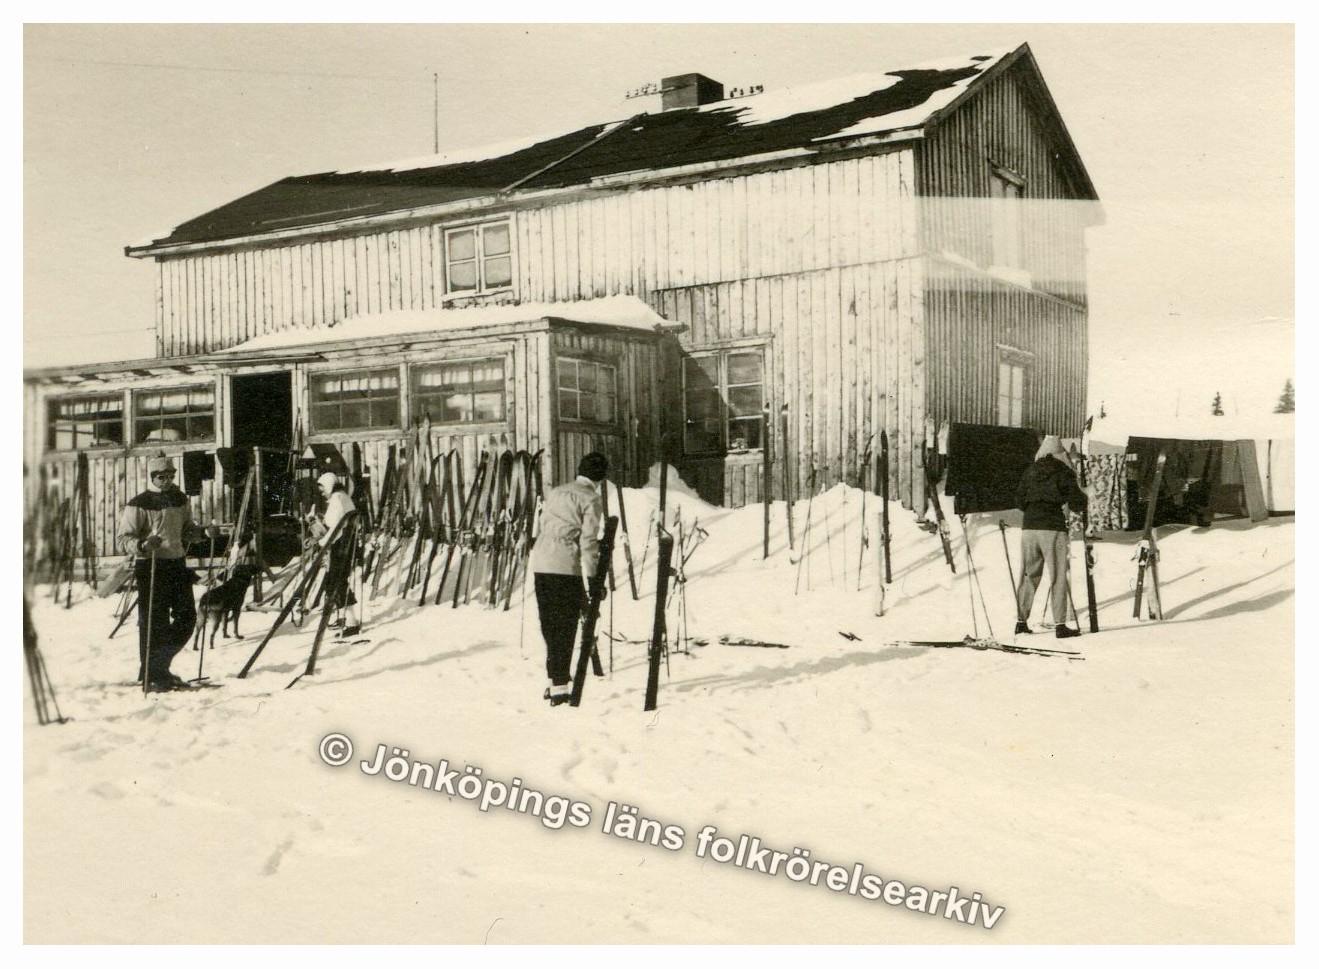 Fyra personer tar av sig skidutrustning utanför en stuga. Ett stort antal skidor och stavar är nedstuckna i snön.